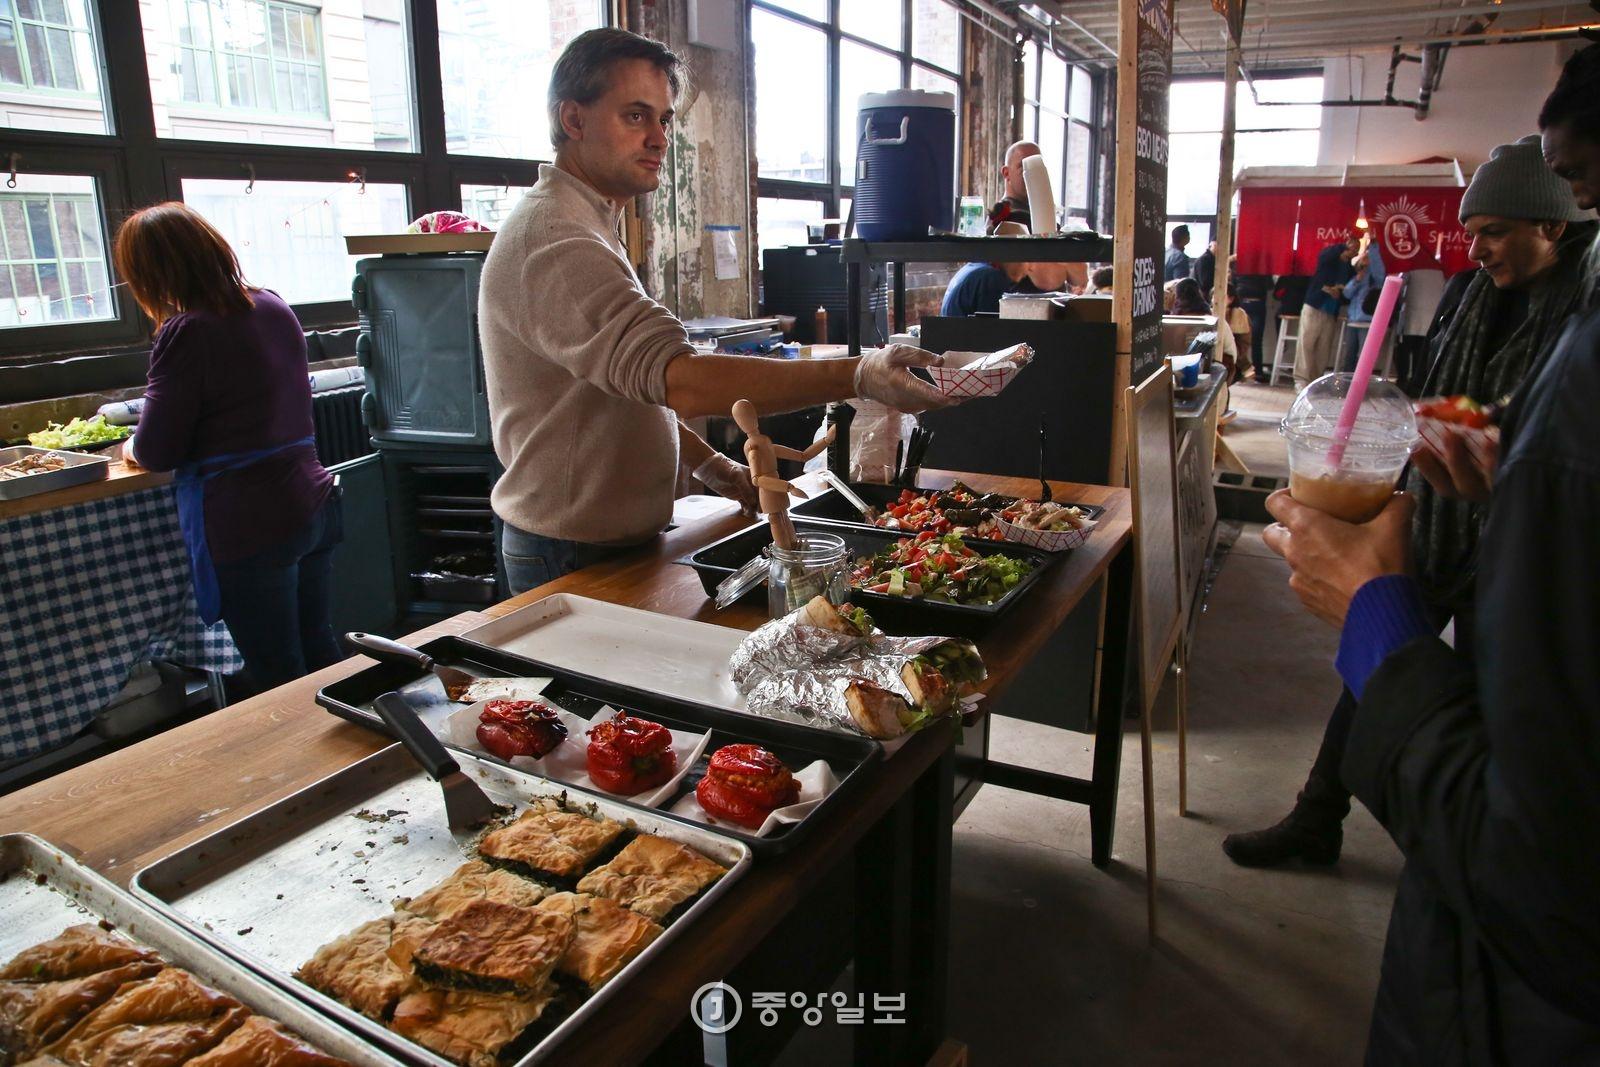 다양한 먹거리를 파는 브루클린 벼룩시장.